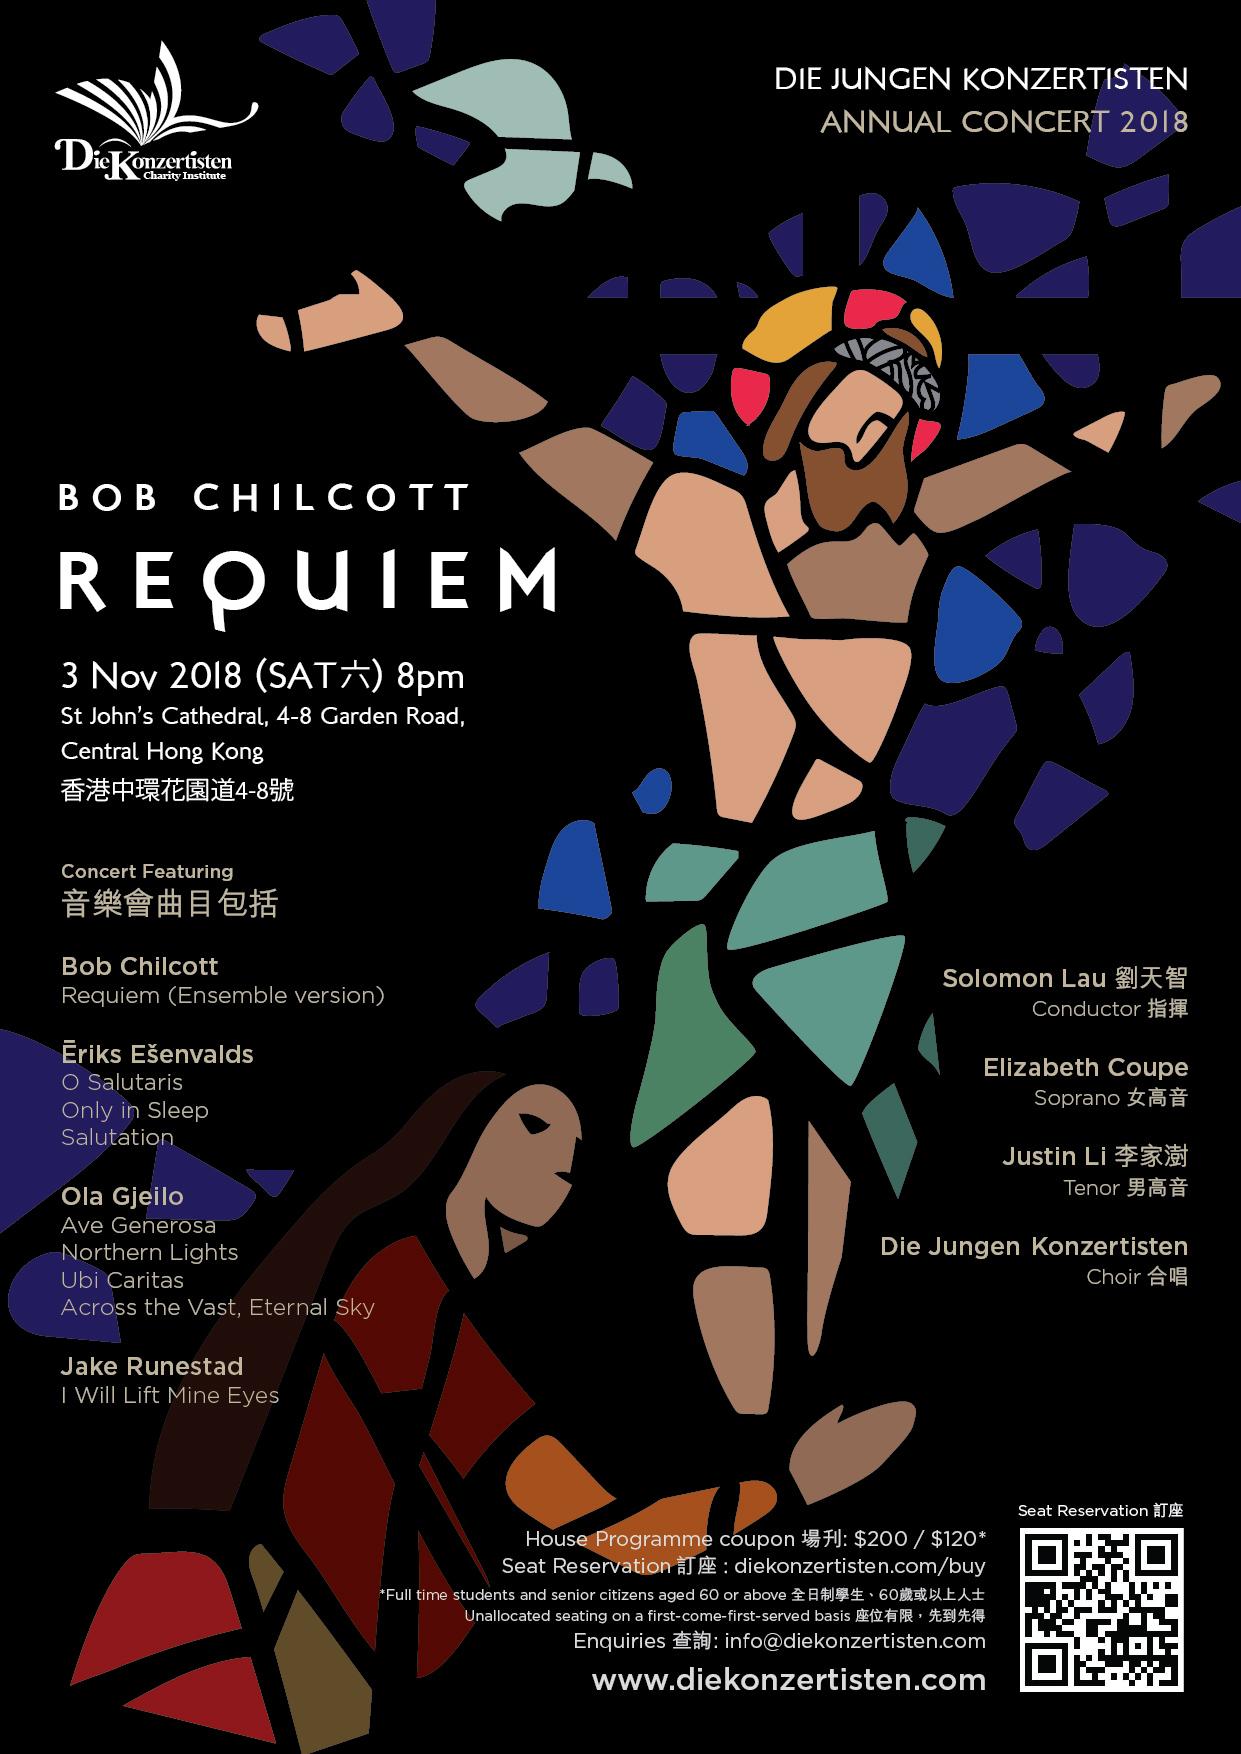 DJK Bob Chilcott Requiem Poster.jpg